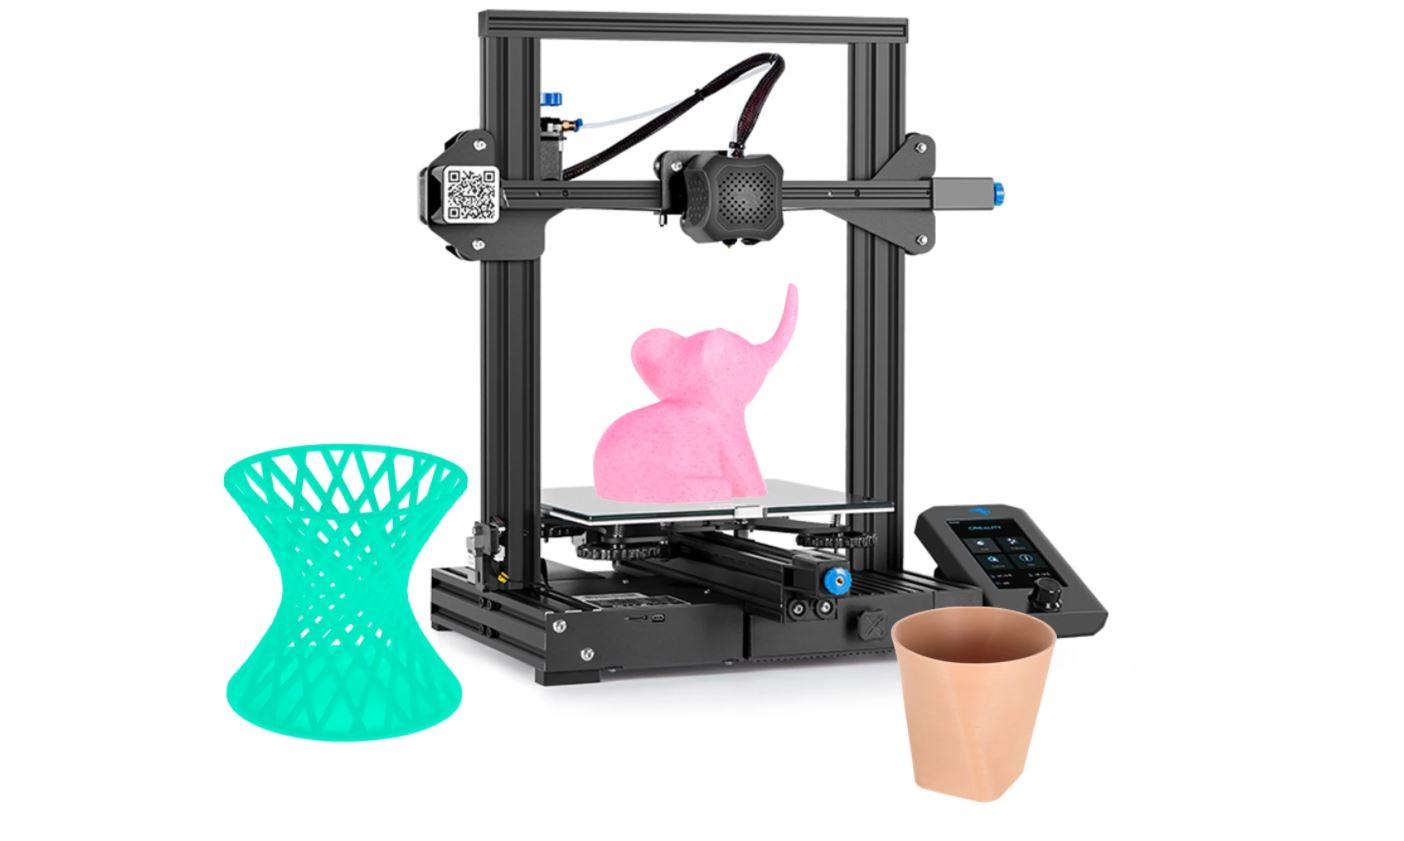 Creality 3D Ender-3 V2 – skvělá 3D tiskárna za skvělou cenu [sponzorovaný článek]